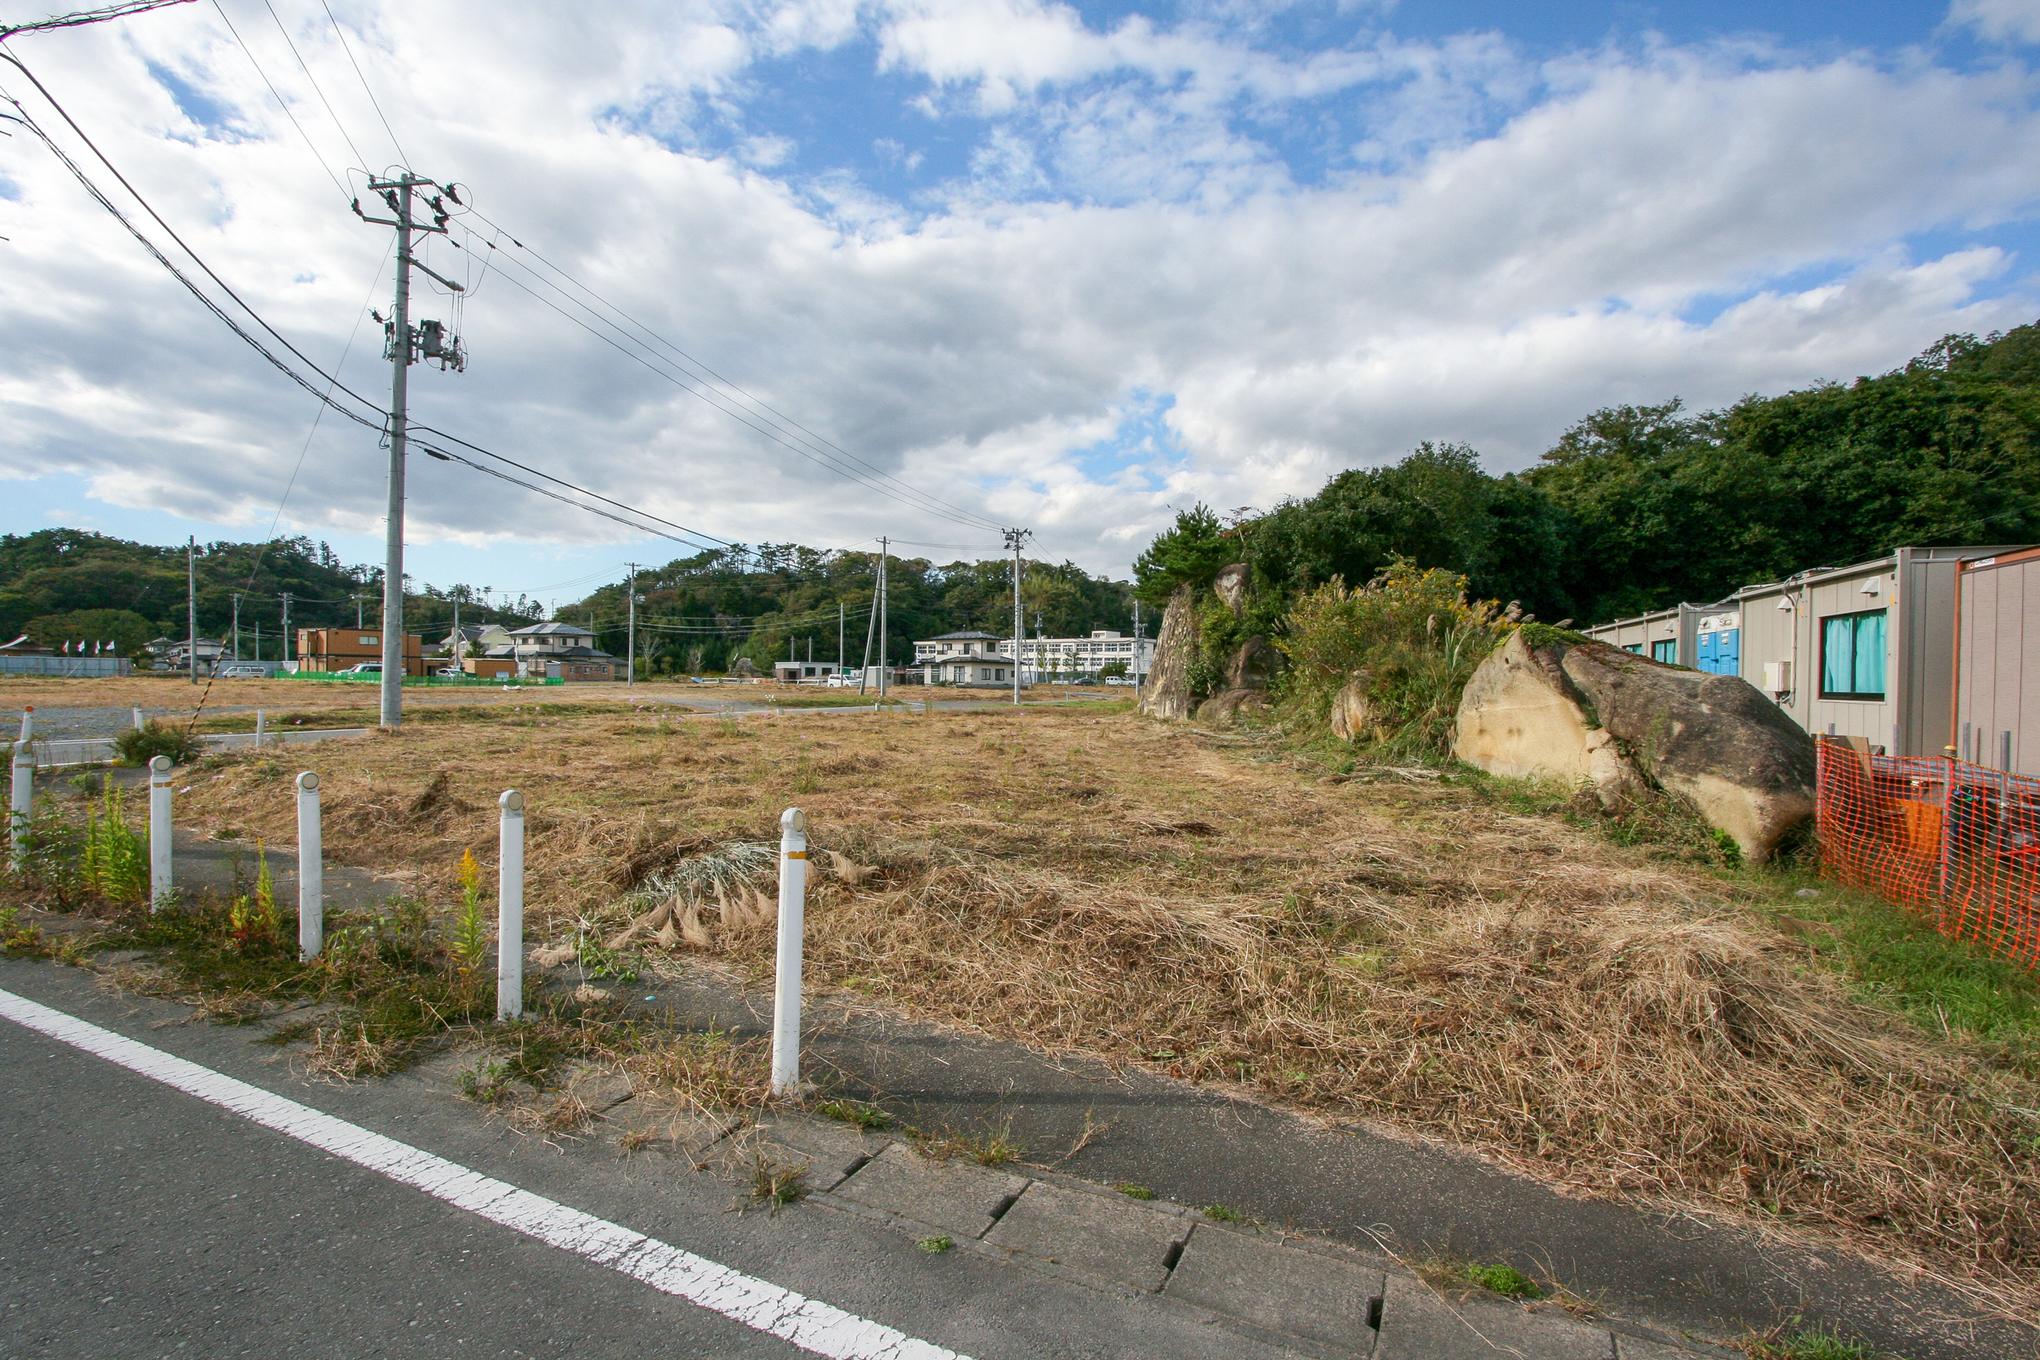 f:id:akichiniiko:20200607210828j:plain